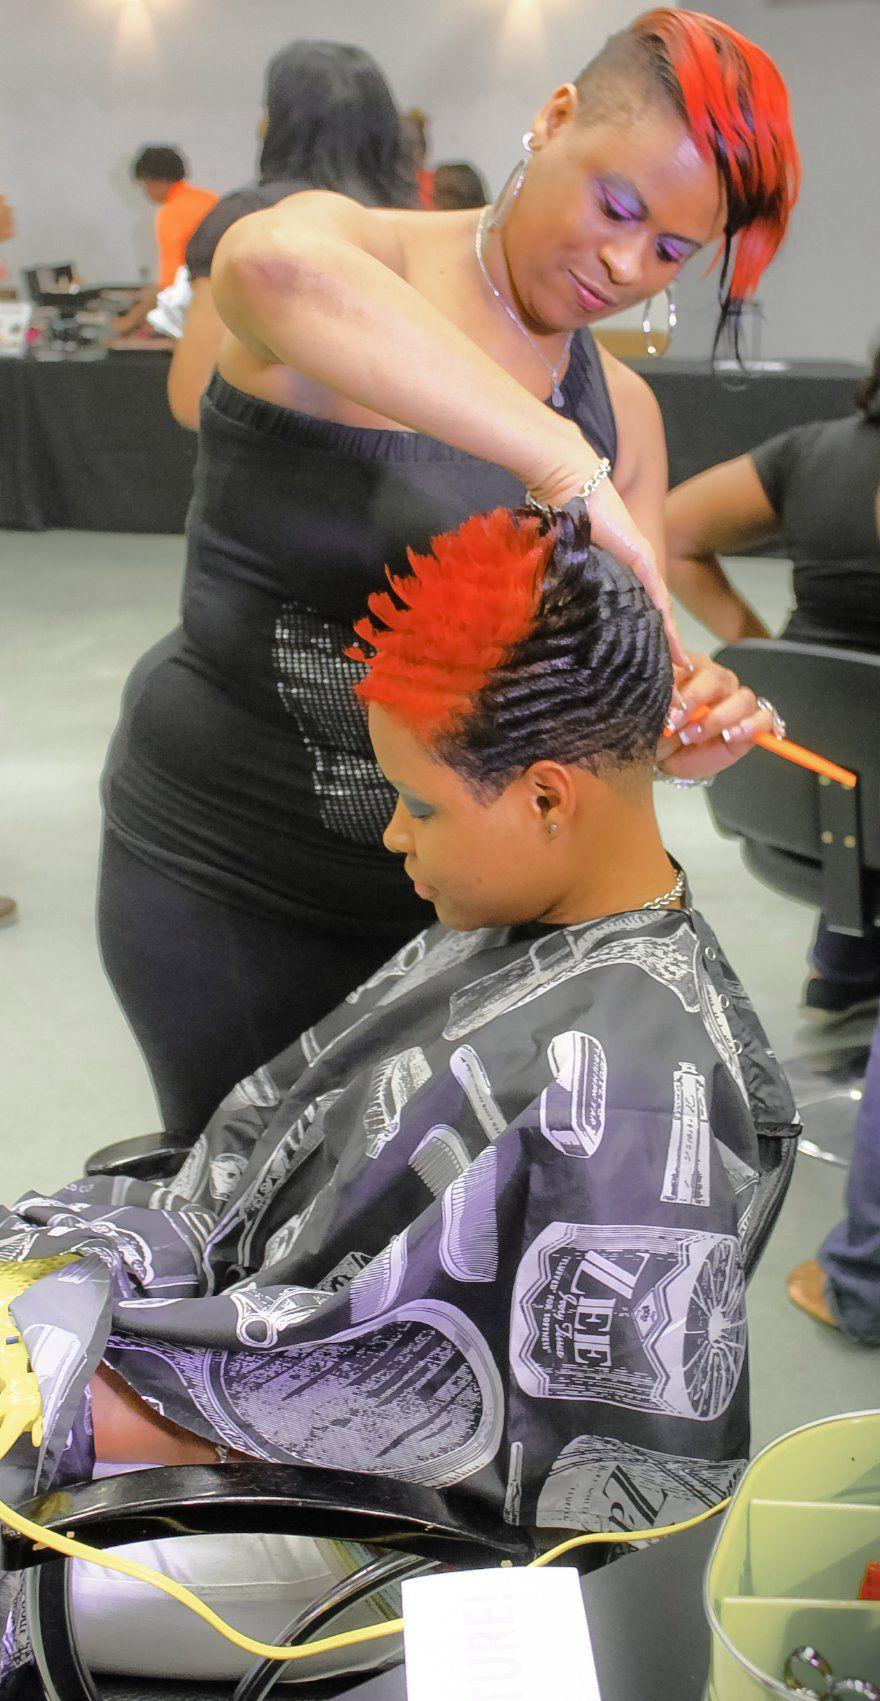 Trendz by Tammy Hair Salon in Houston is hiring license